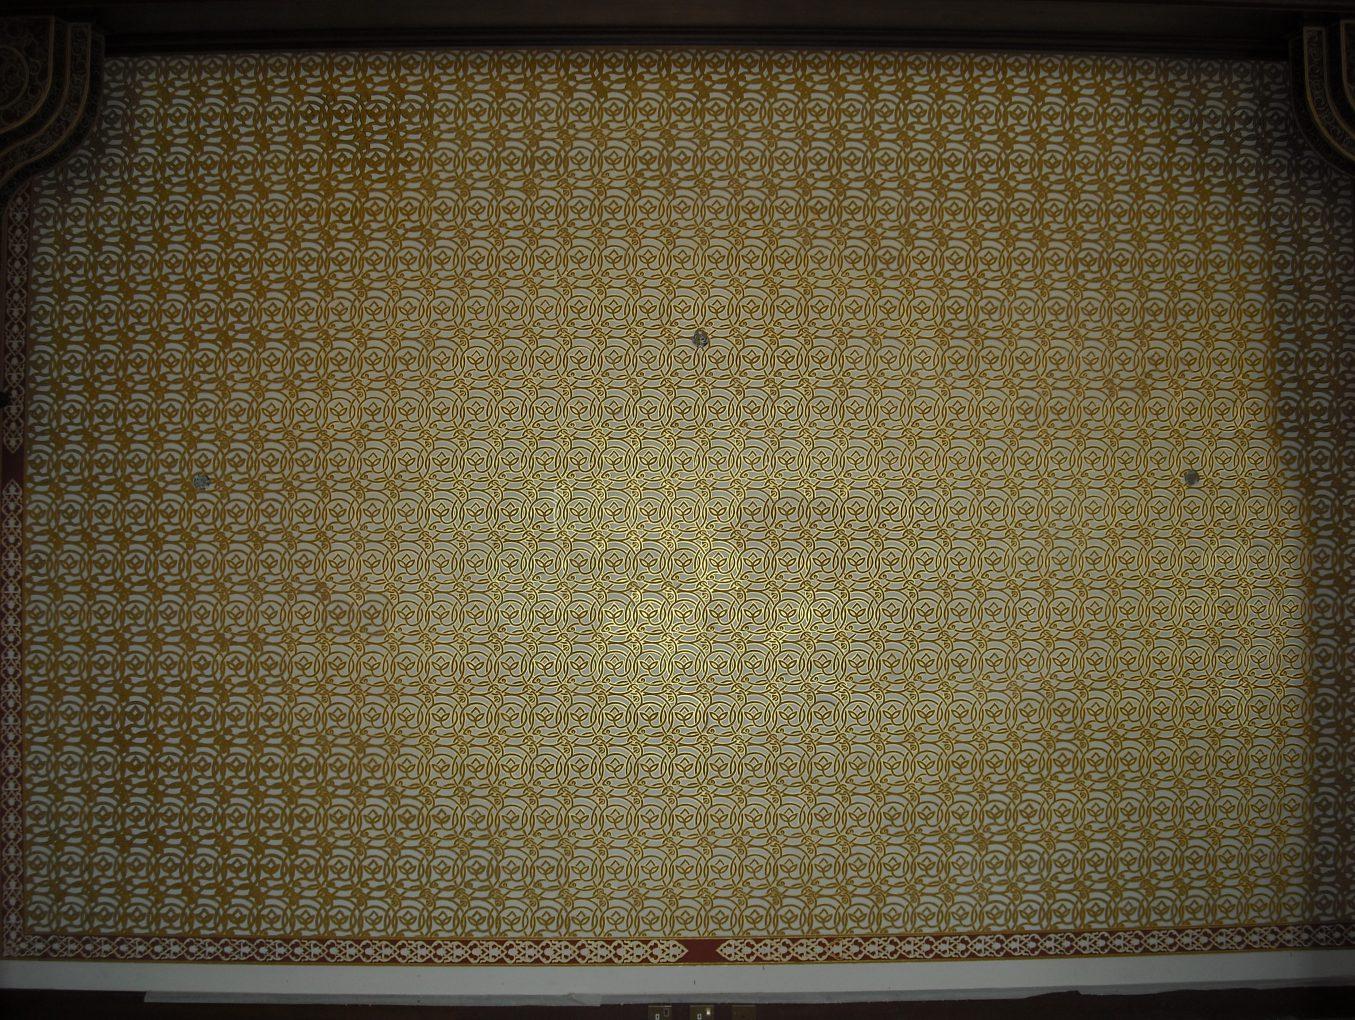 DSCF0249